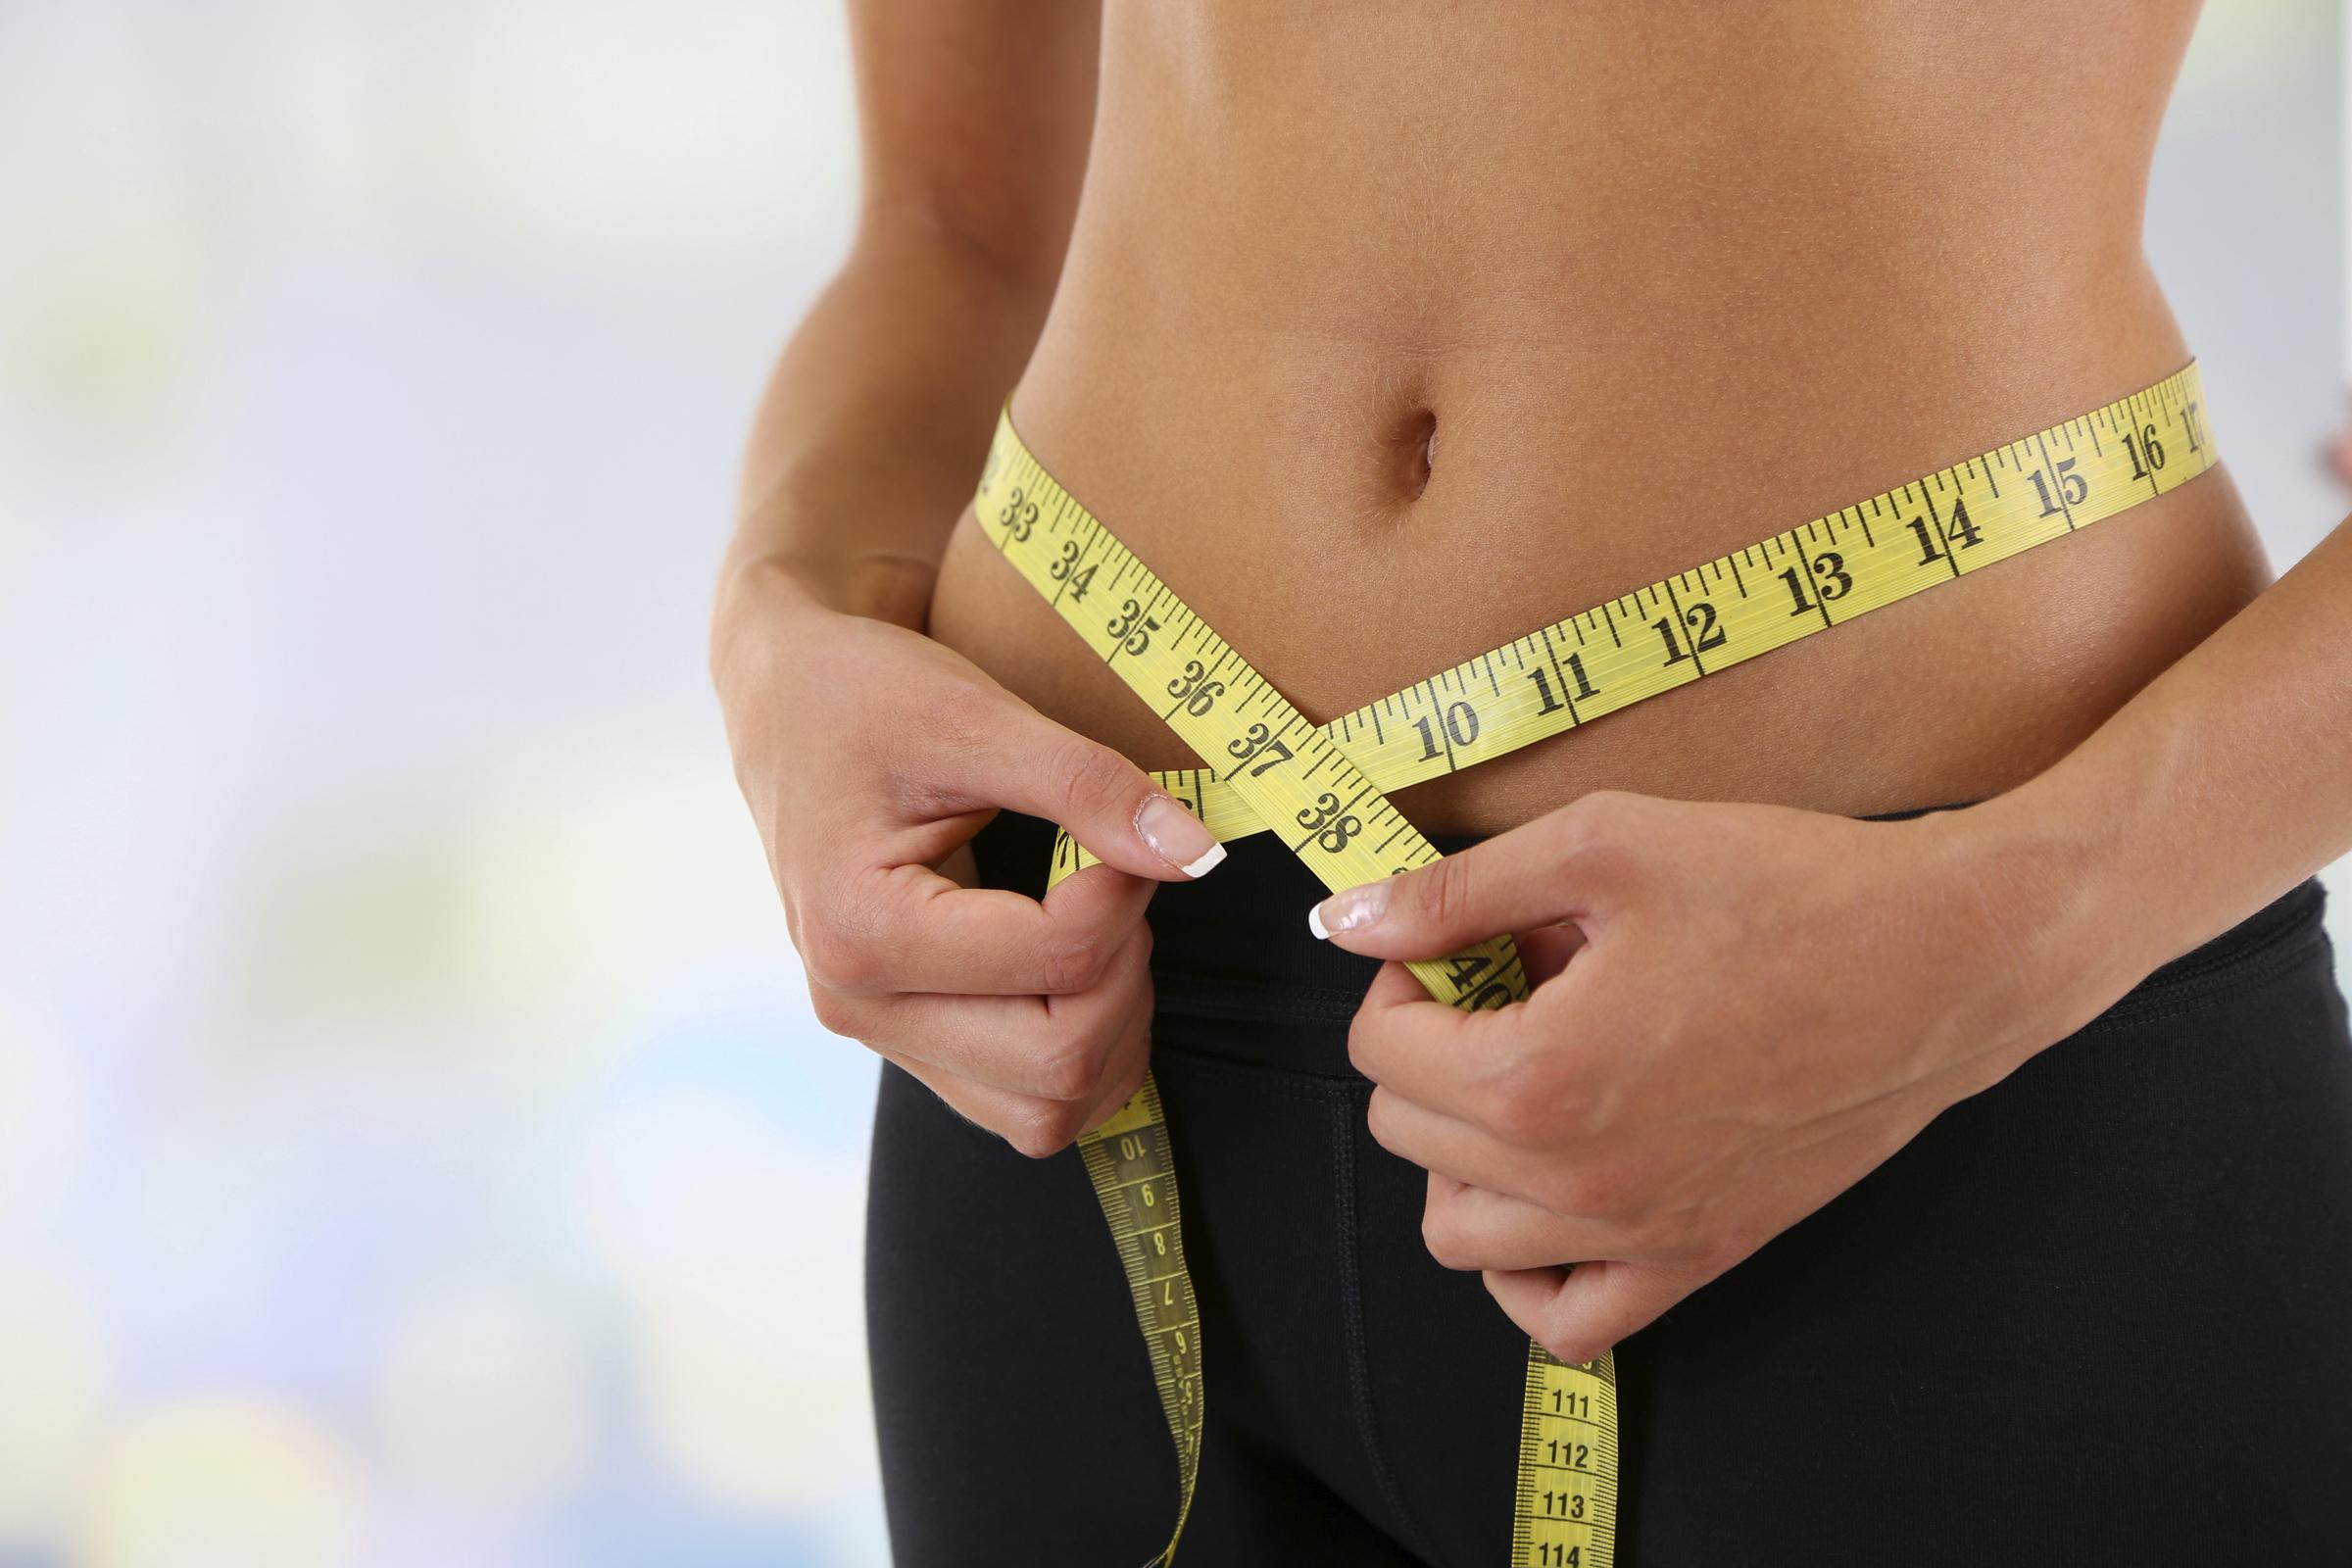 Fogyni szeretnék! De hogyan? – Az egészséges testsúlycsökkentés